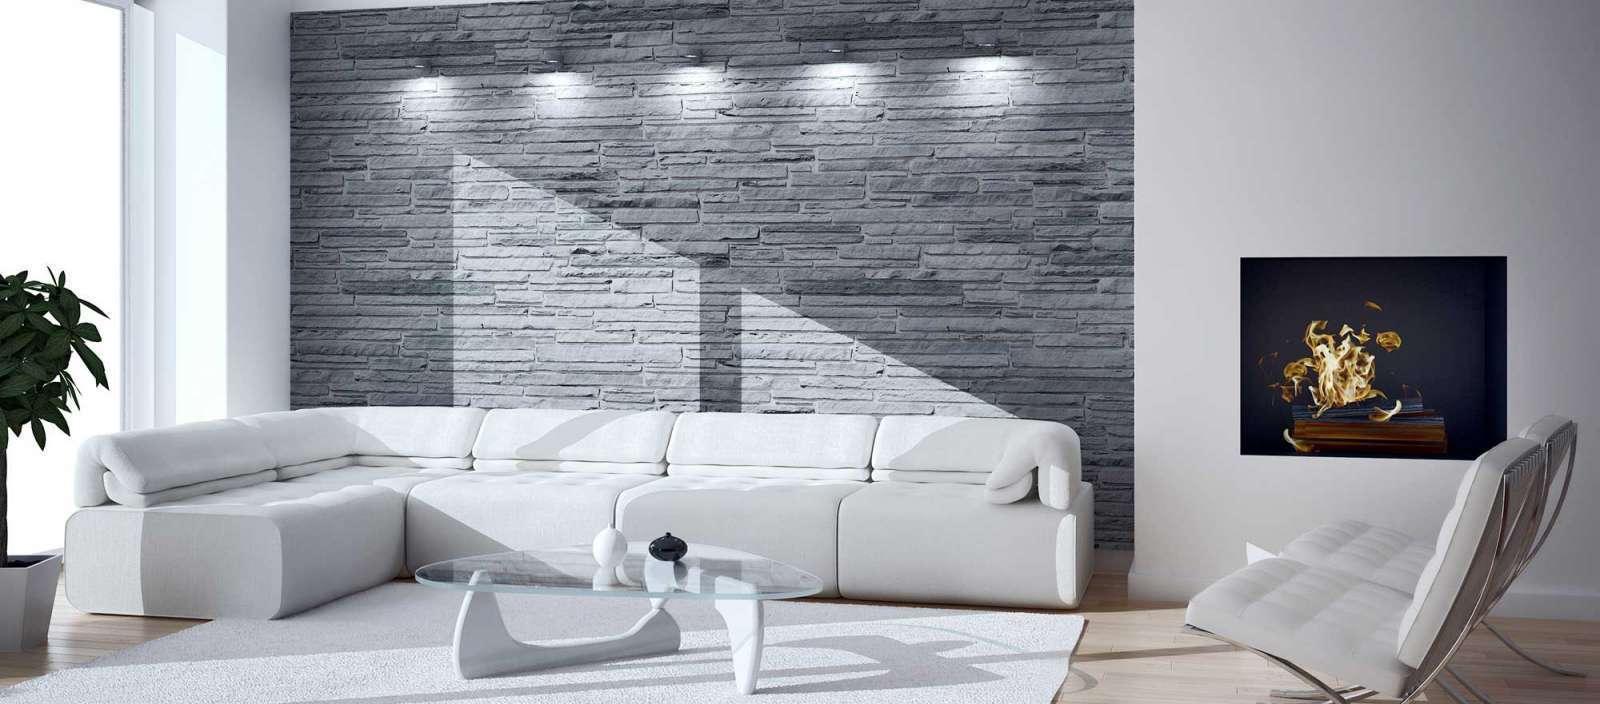 Rivestimenti e pavimenti pietra ricostruita e naturale origine pietra - Piastrelle per pareti interne ...